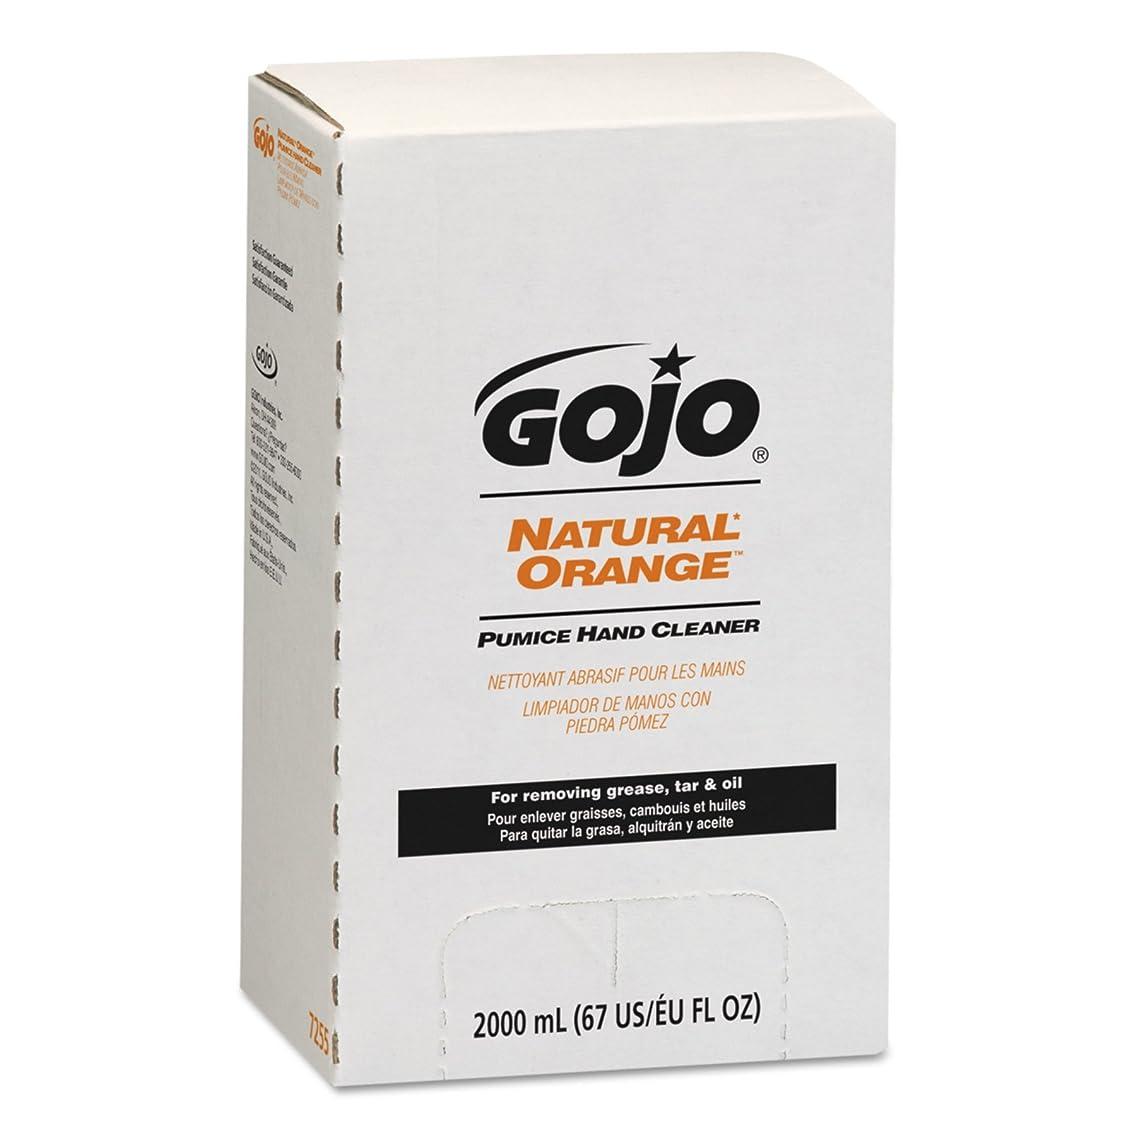 約調整可能秀でるNATURAL ORANGE Pumice Hand Cleaner Refill, Citrus Scent, 2000 mL, 4/Carton (並行輸入品)